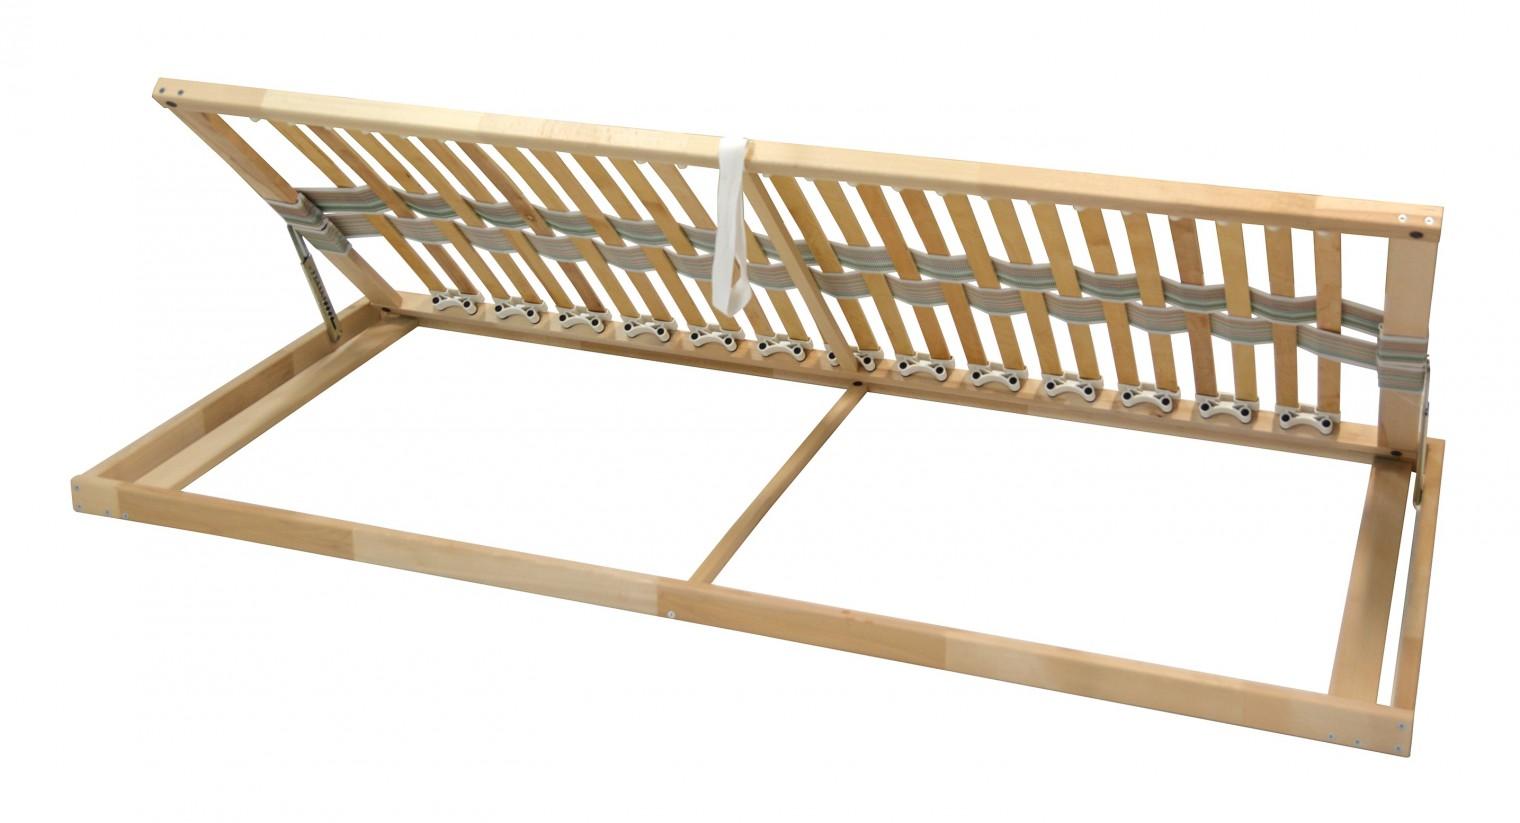 Nepolohovací Rošt Double klasik - 90x200 cm, výklopný do boku